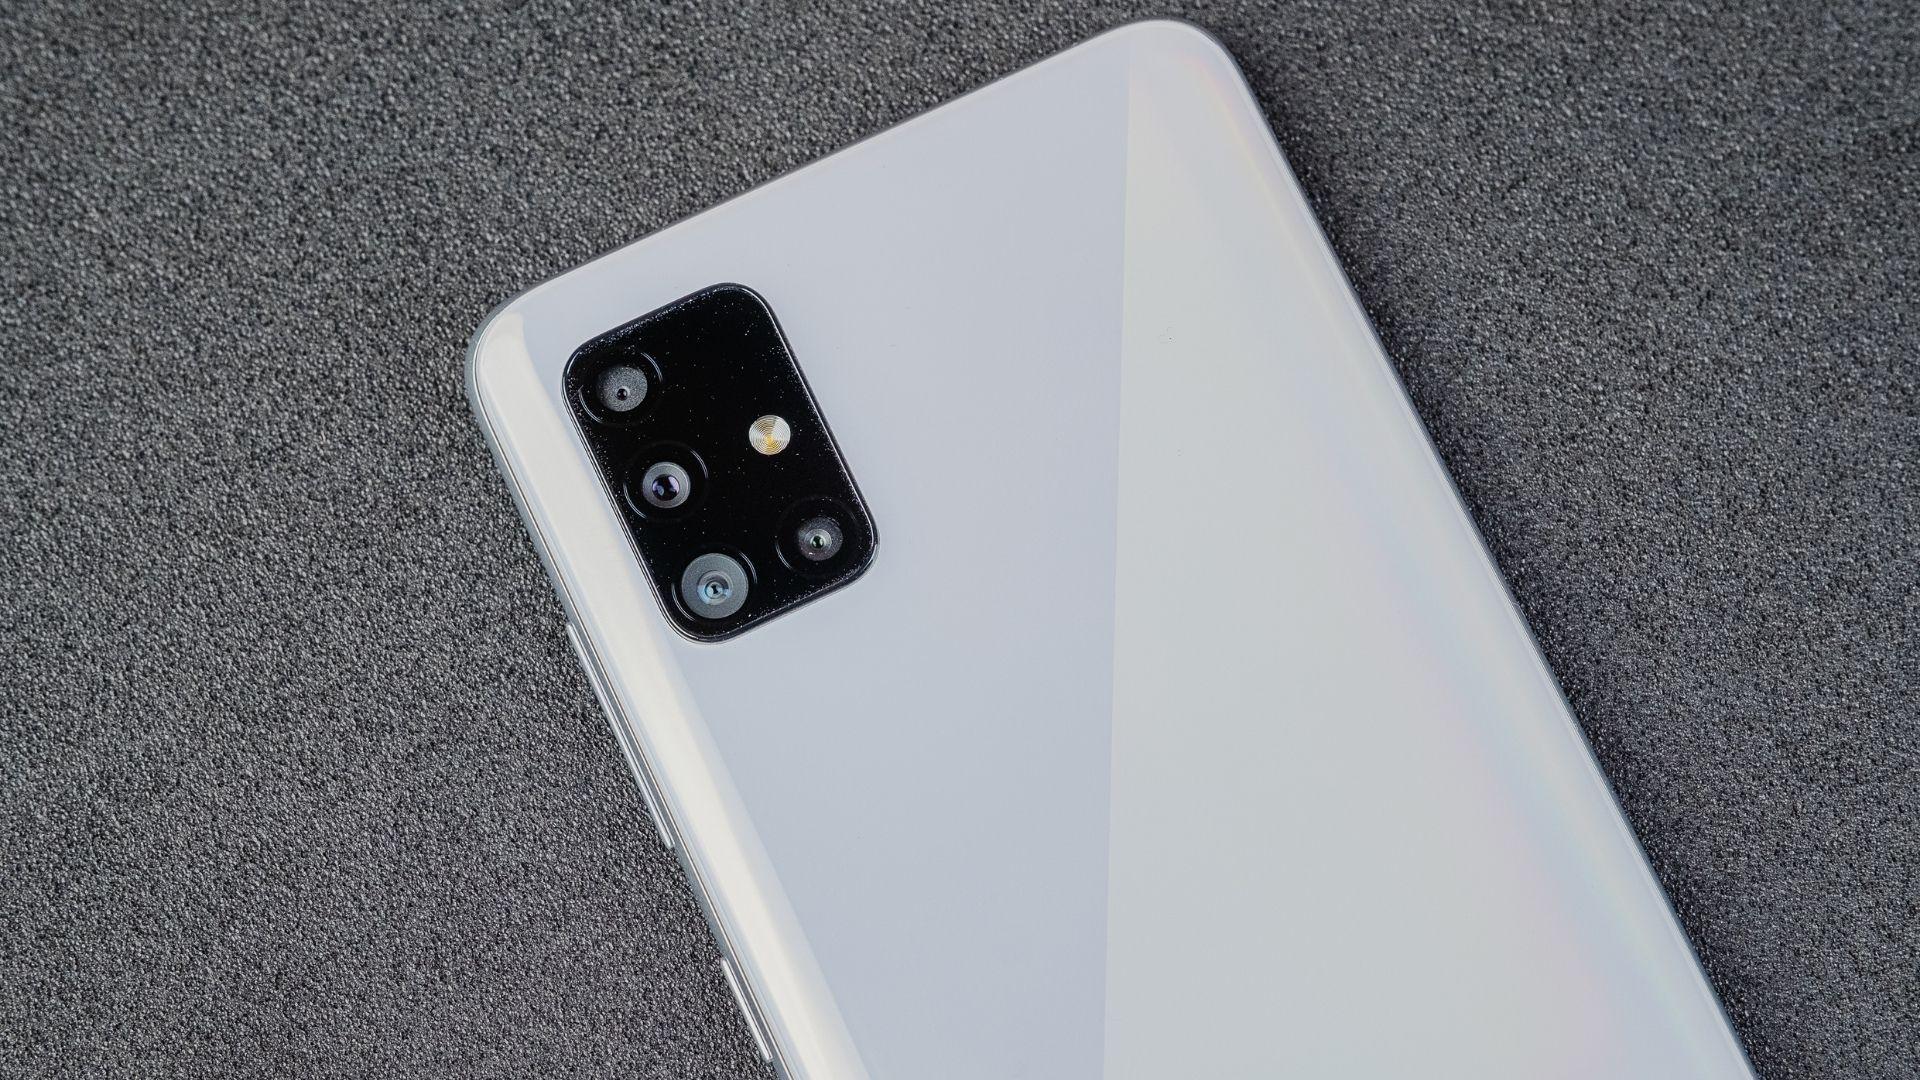 Parte de trás do Galaxy A51 com conjunto de câmeras em destaque